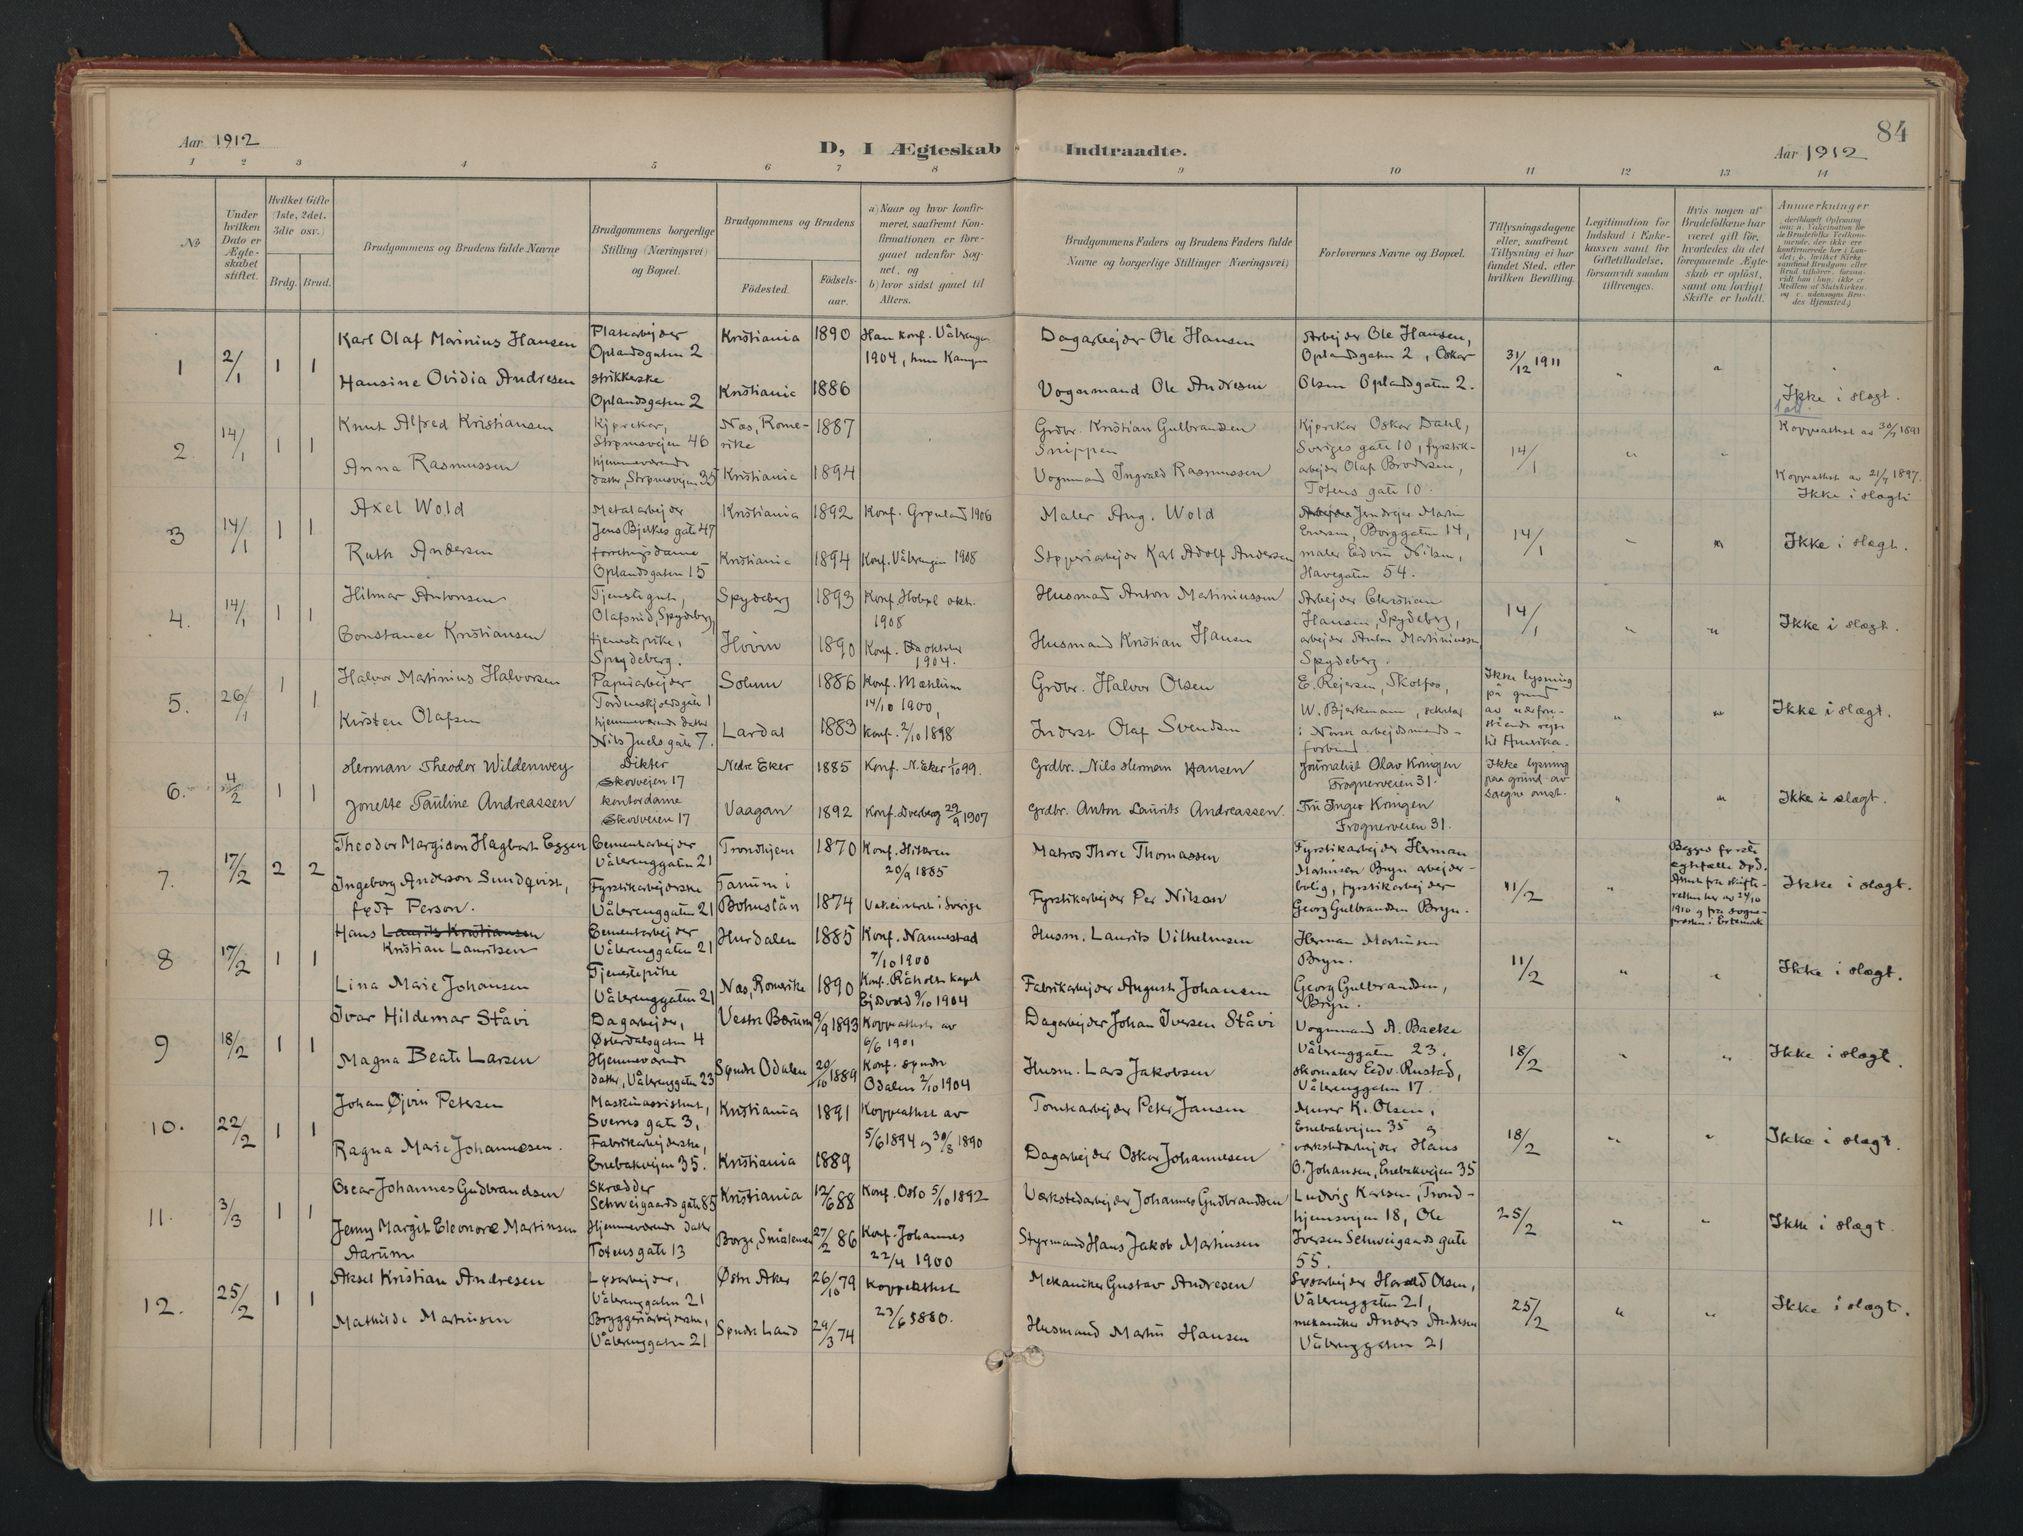 SAO, Vålerengen prestekontor Kirkebøker, F/Fa/L0002: Ministerialbok nr. 2, 1899-1924, s. 84